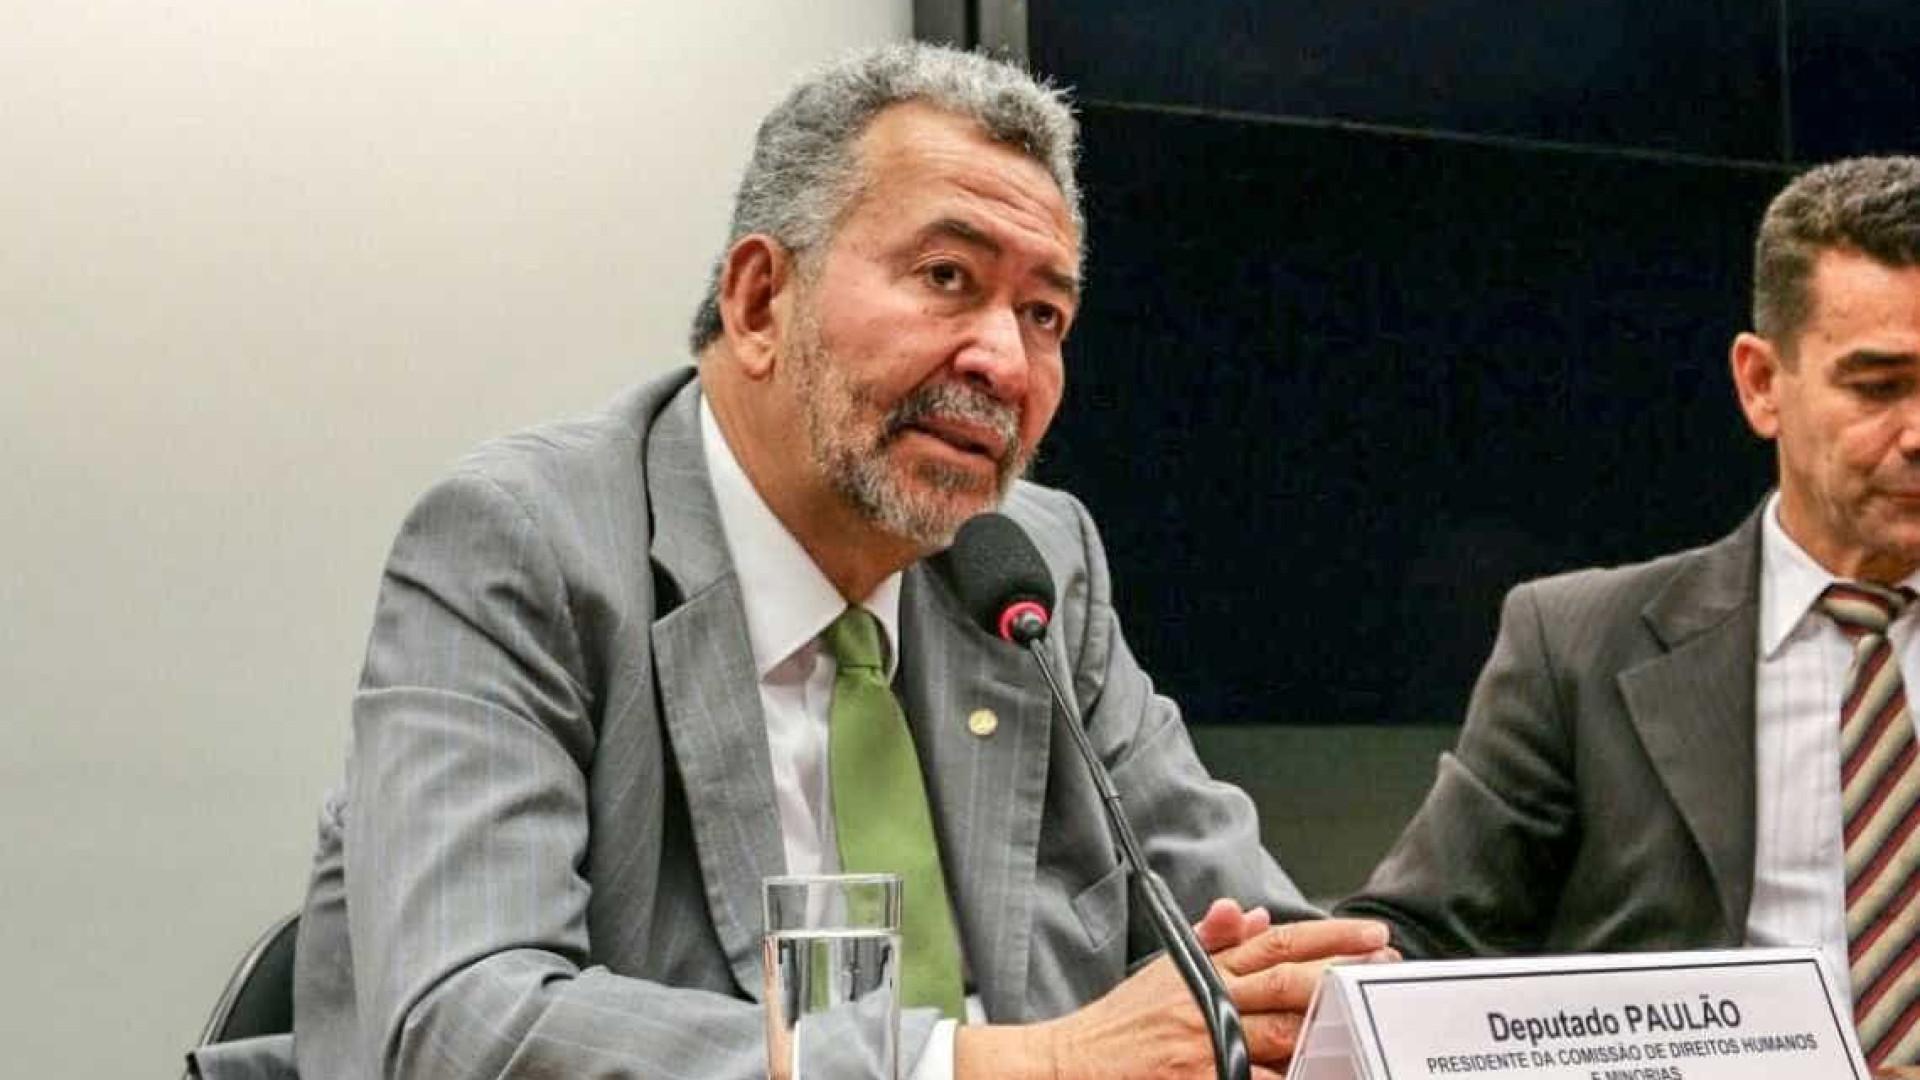 Paulão: 'Intervenção é licença para matar' e 'flerta com fascismo'